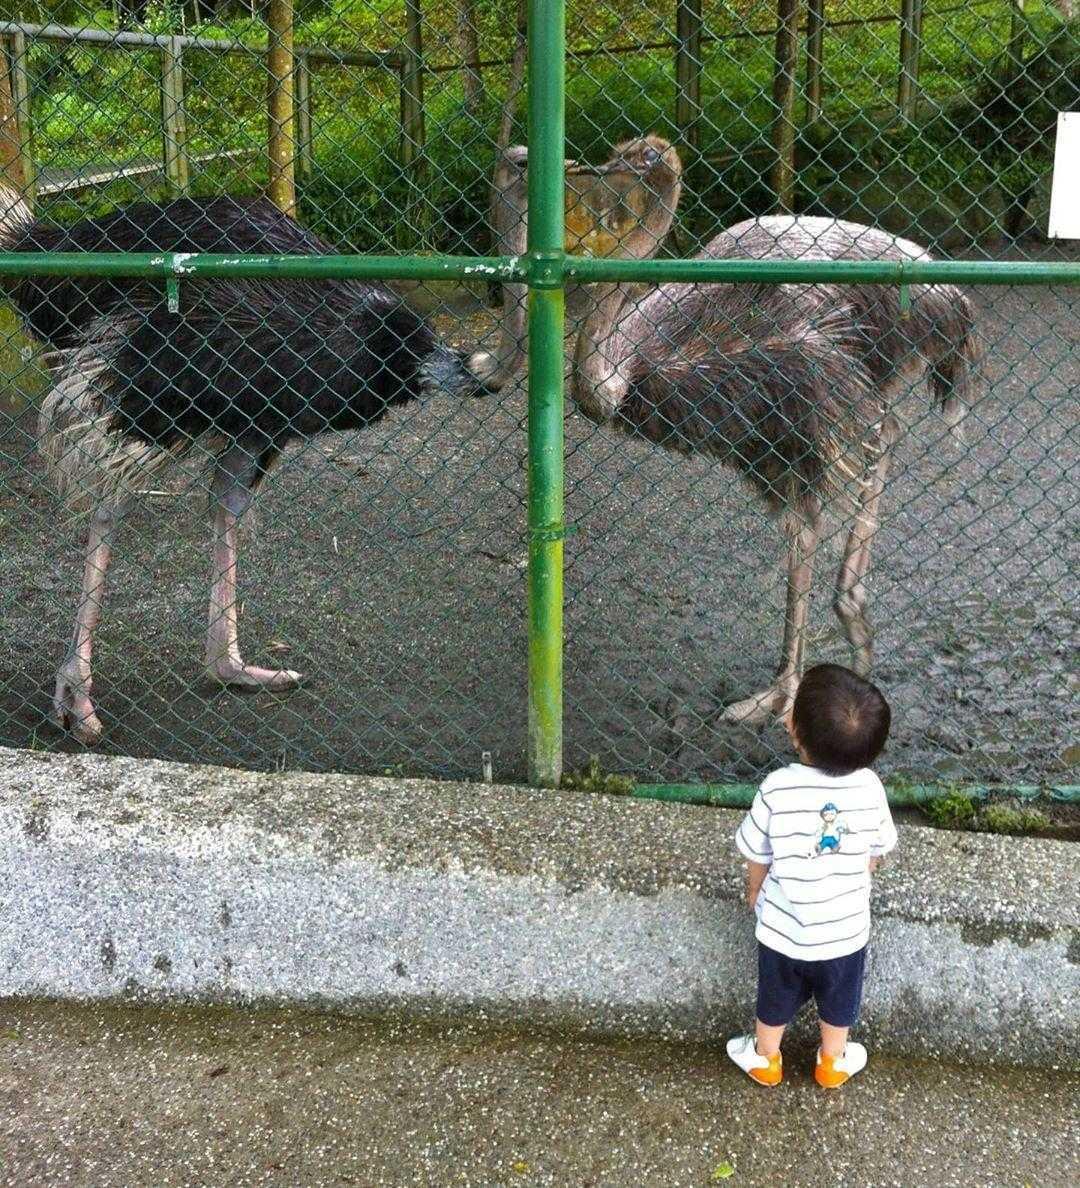 鳳凰谷鳥園生態園區 |鴕鳥